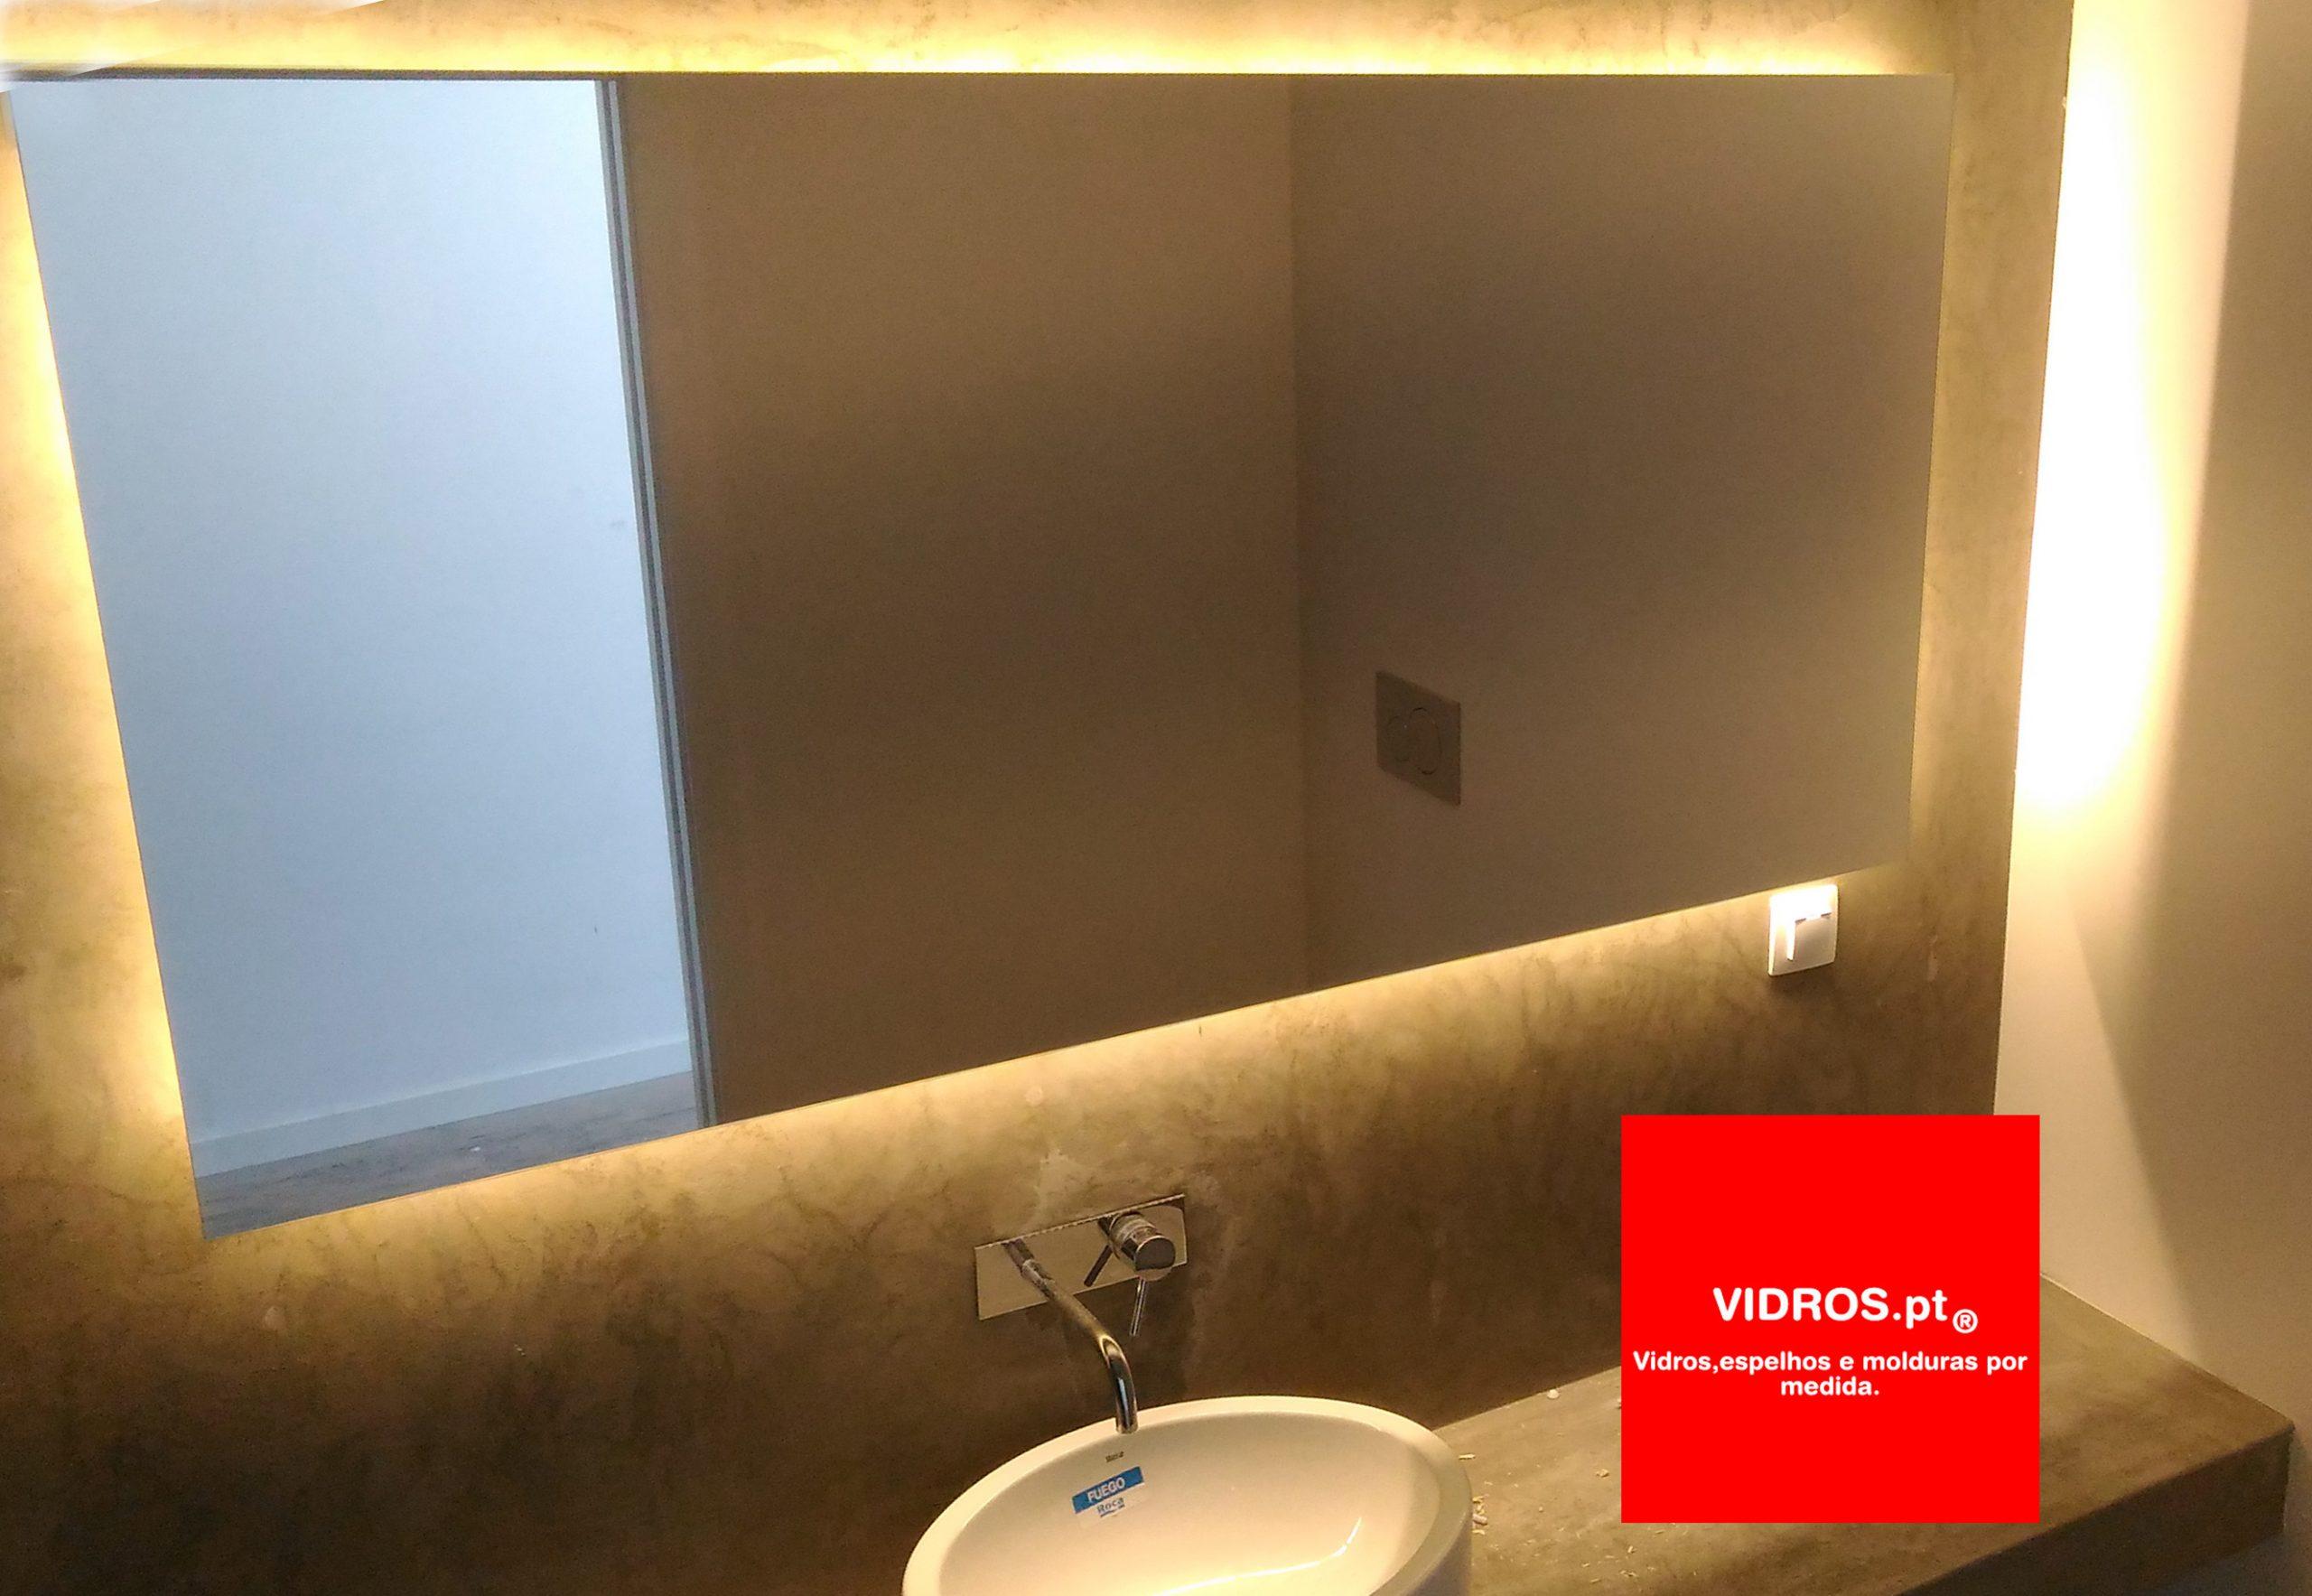 Espelho LED